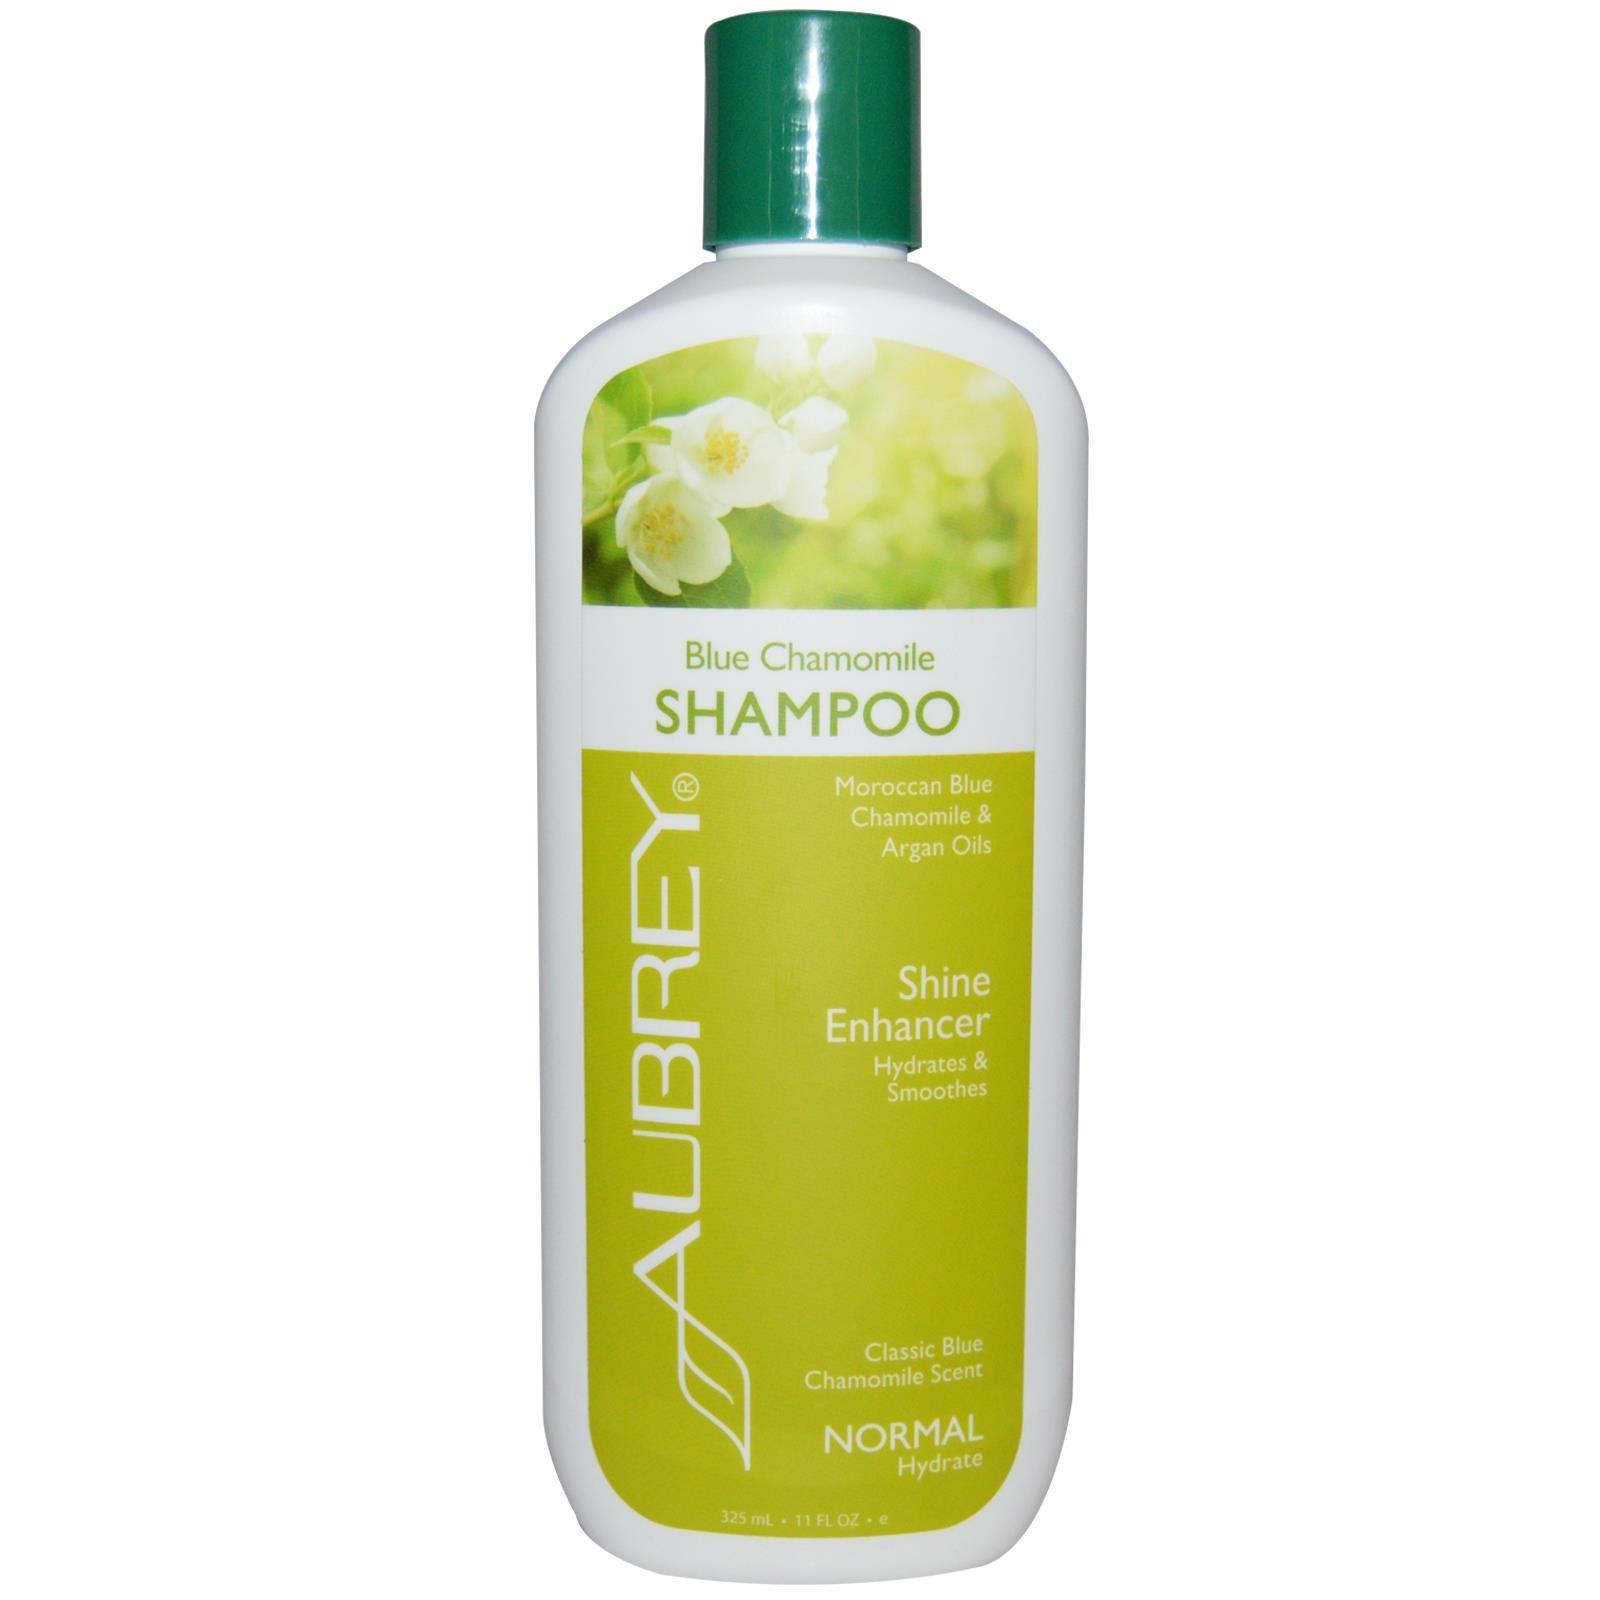 Aubrey Organics Blue Chamomile Hydrating Shampoo - 11 oz